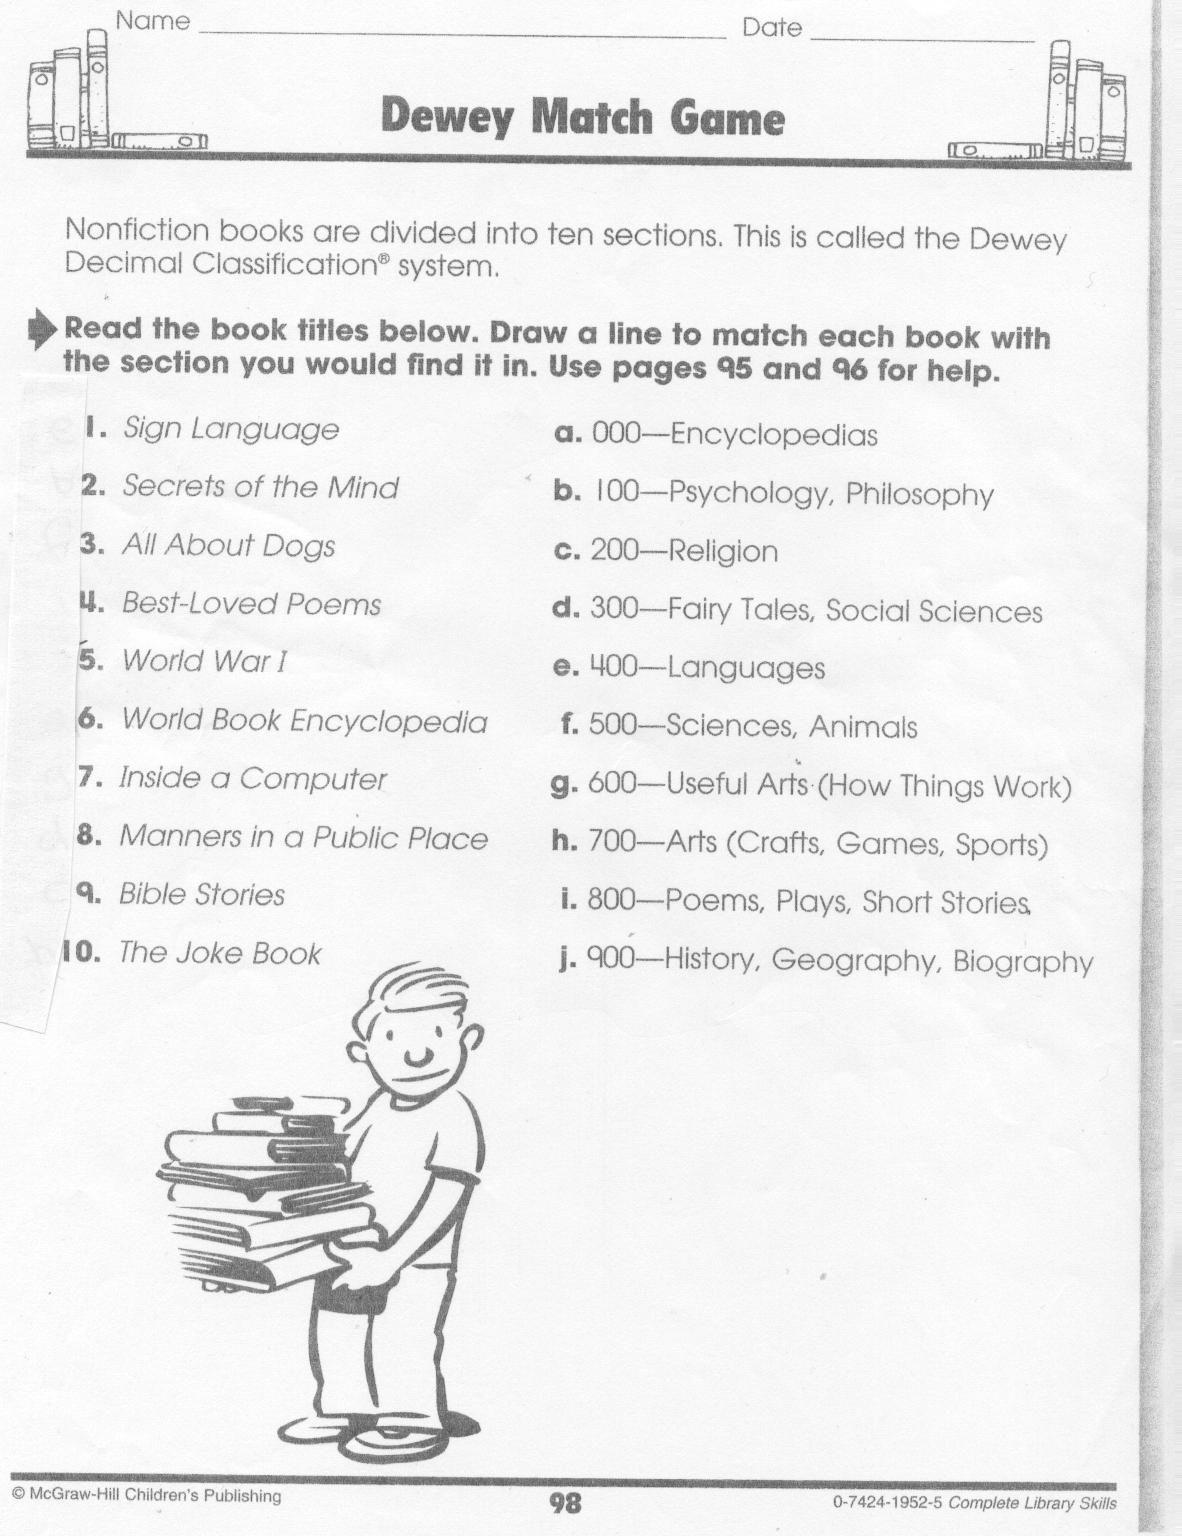 medium resolution of dewey decimal cheat sheet for kids - Google Search   Dewey decimal system